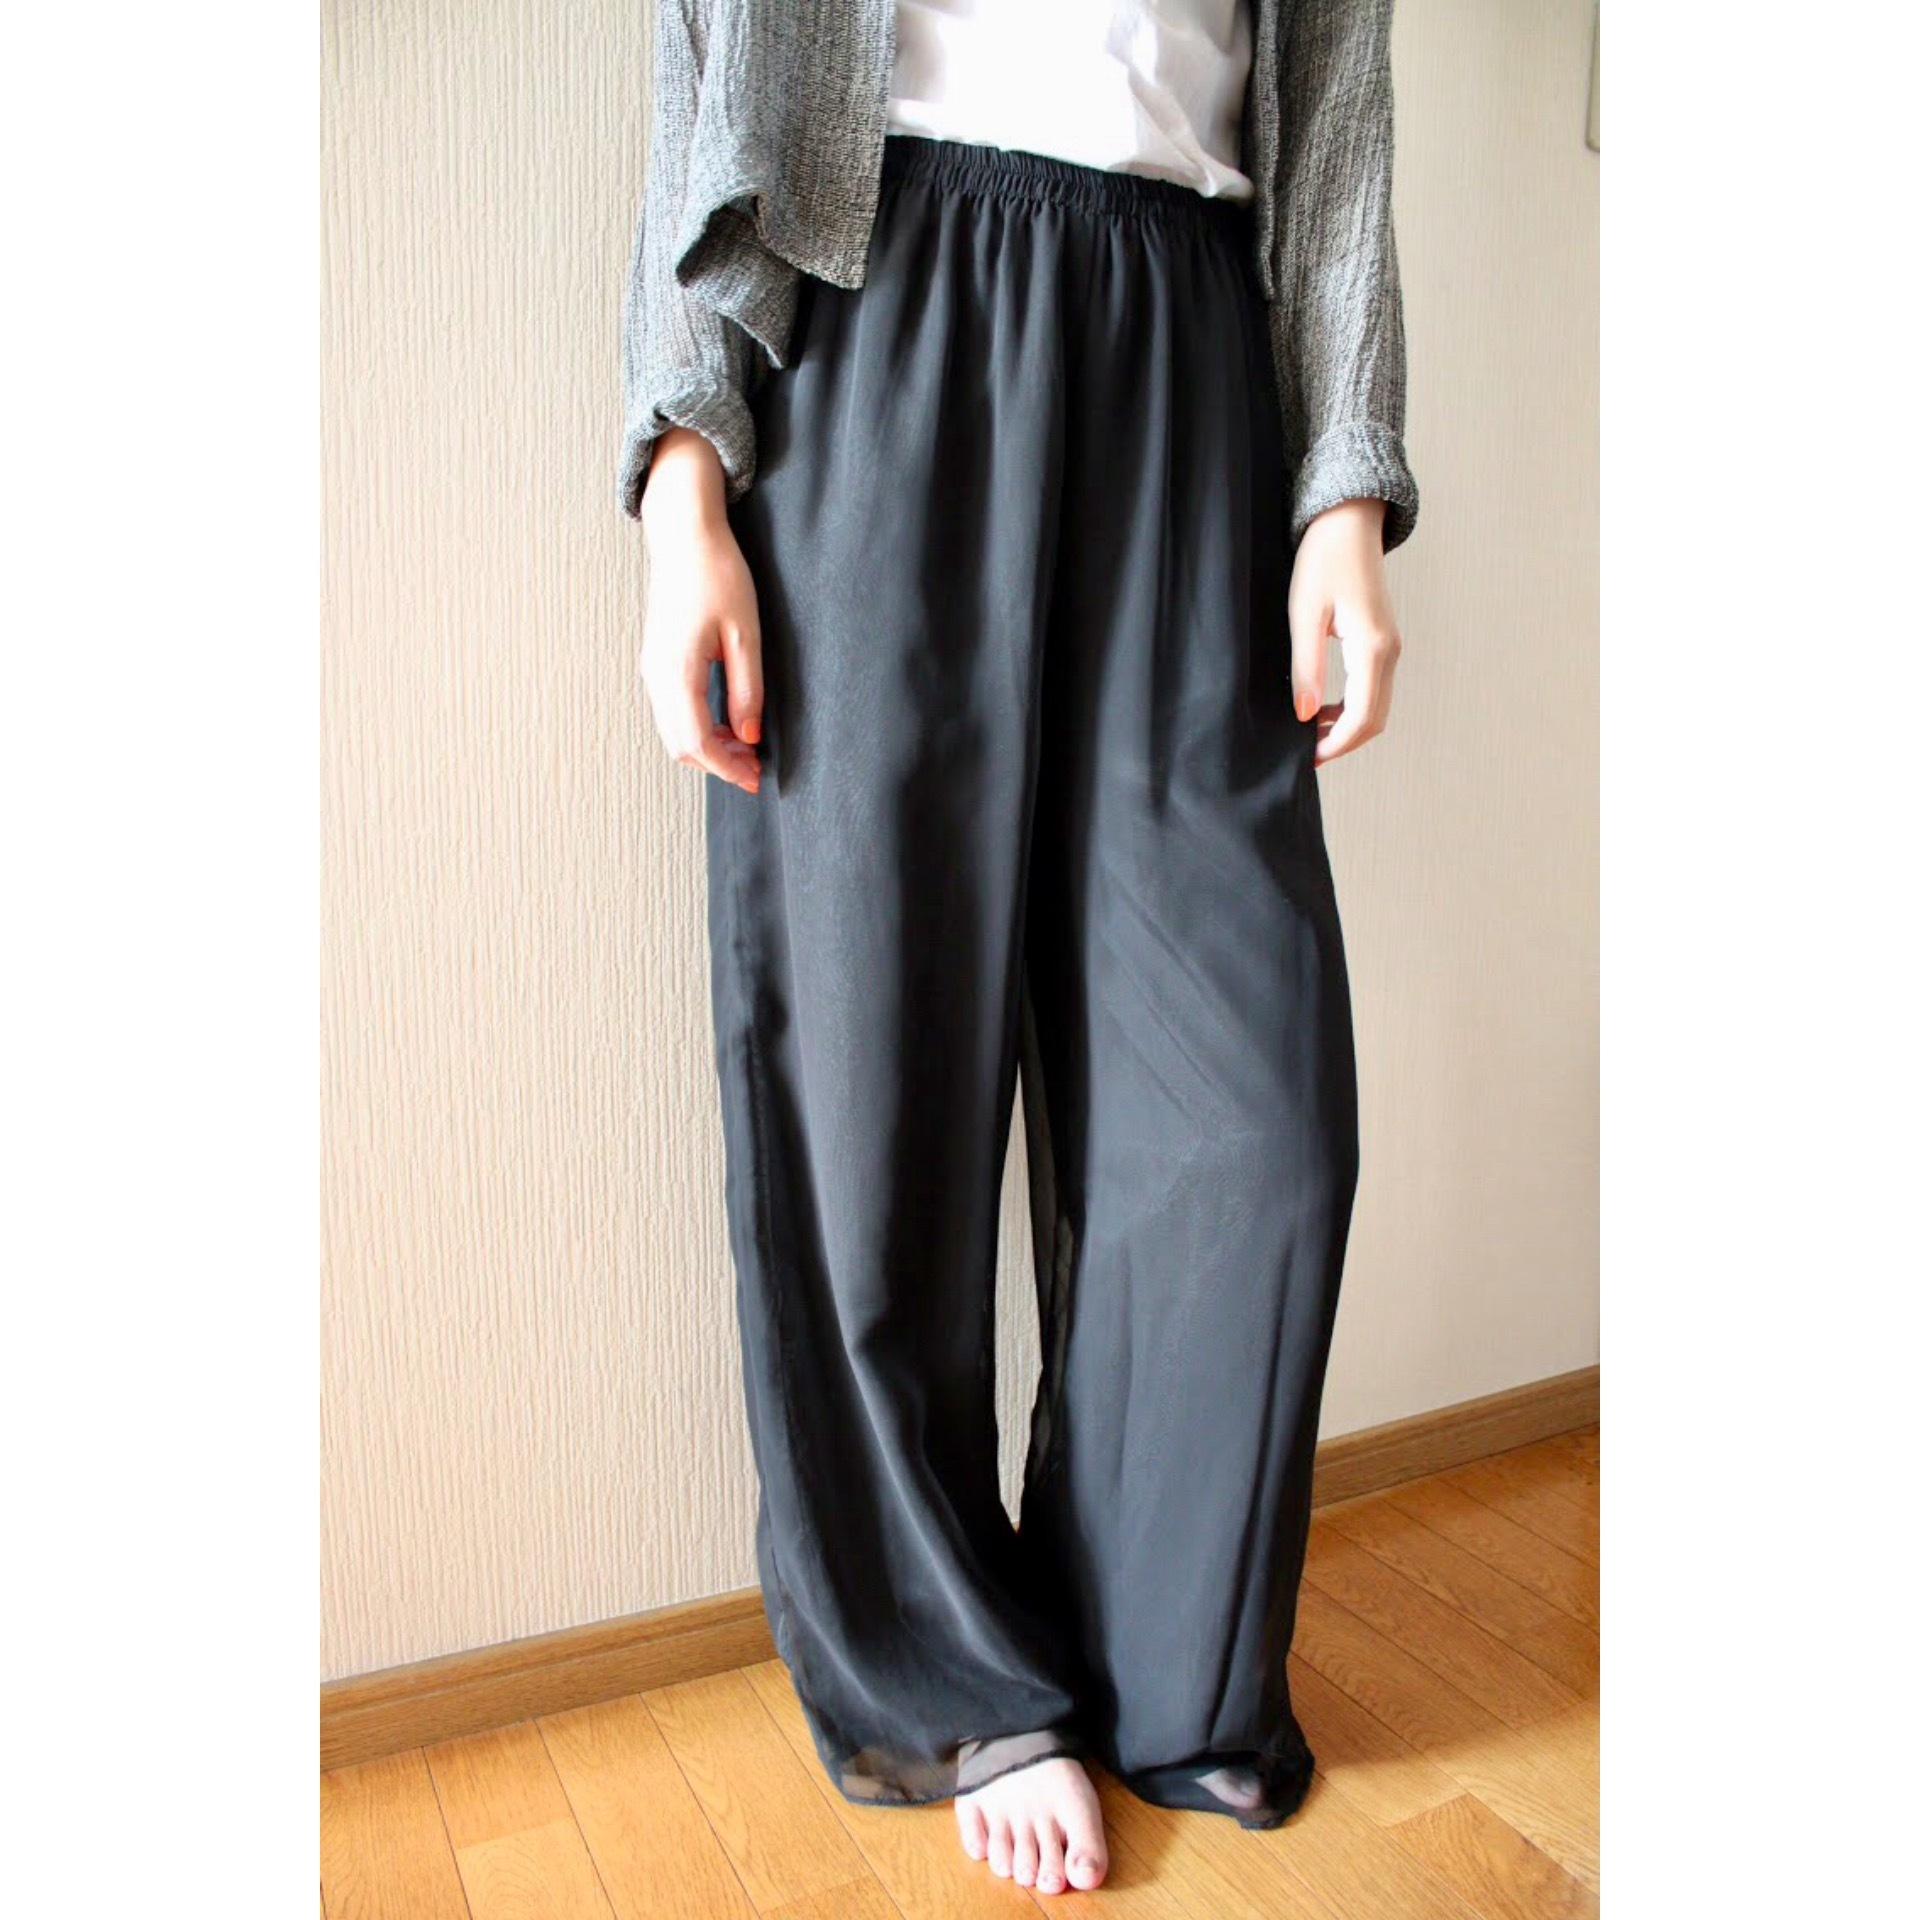 Vintage layerd wide pants